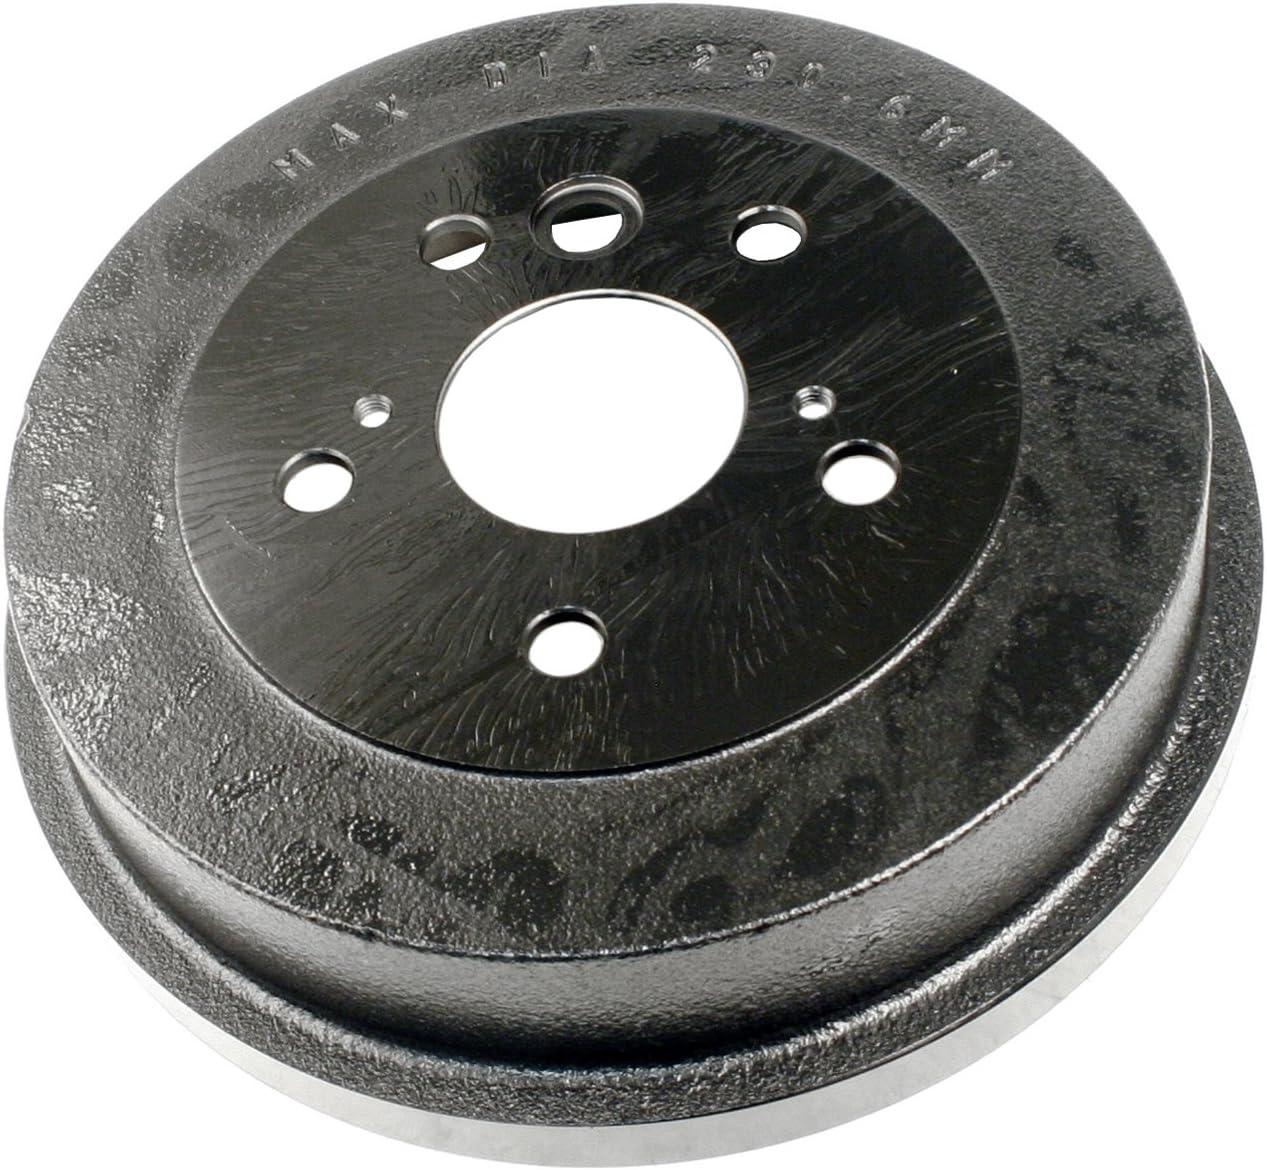 Beck Low price Arnley 083-2686 List price Brake Drum